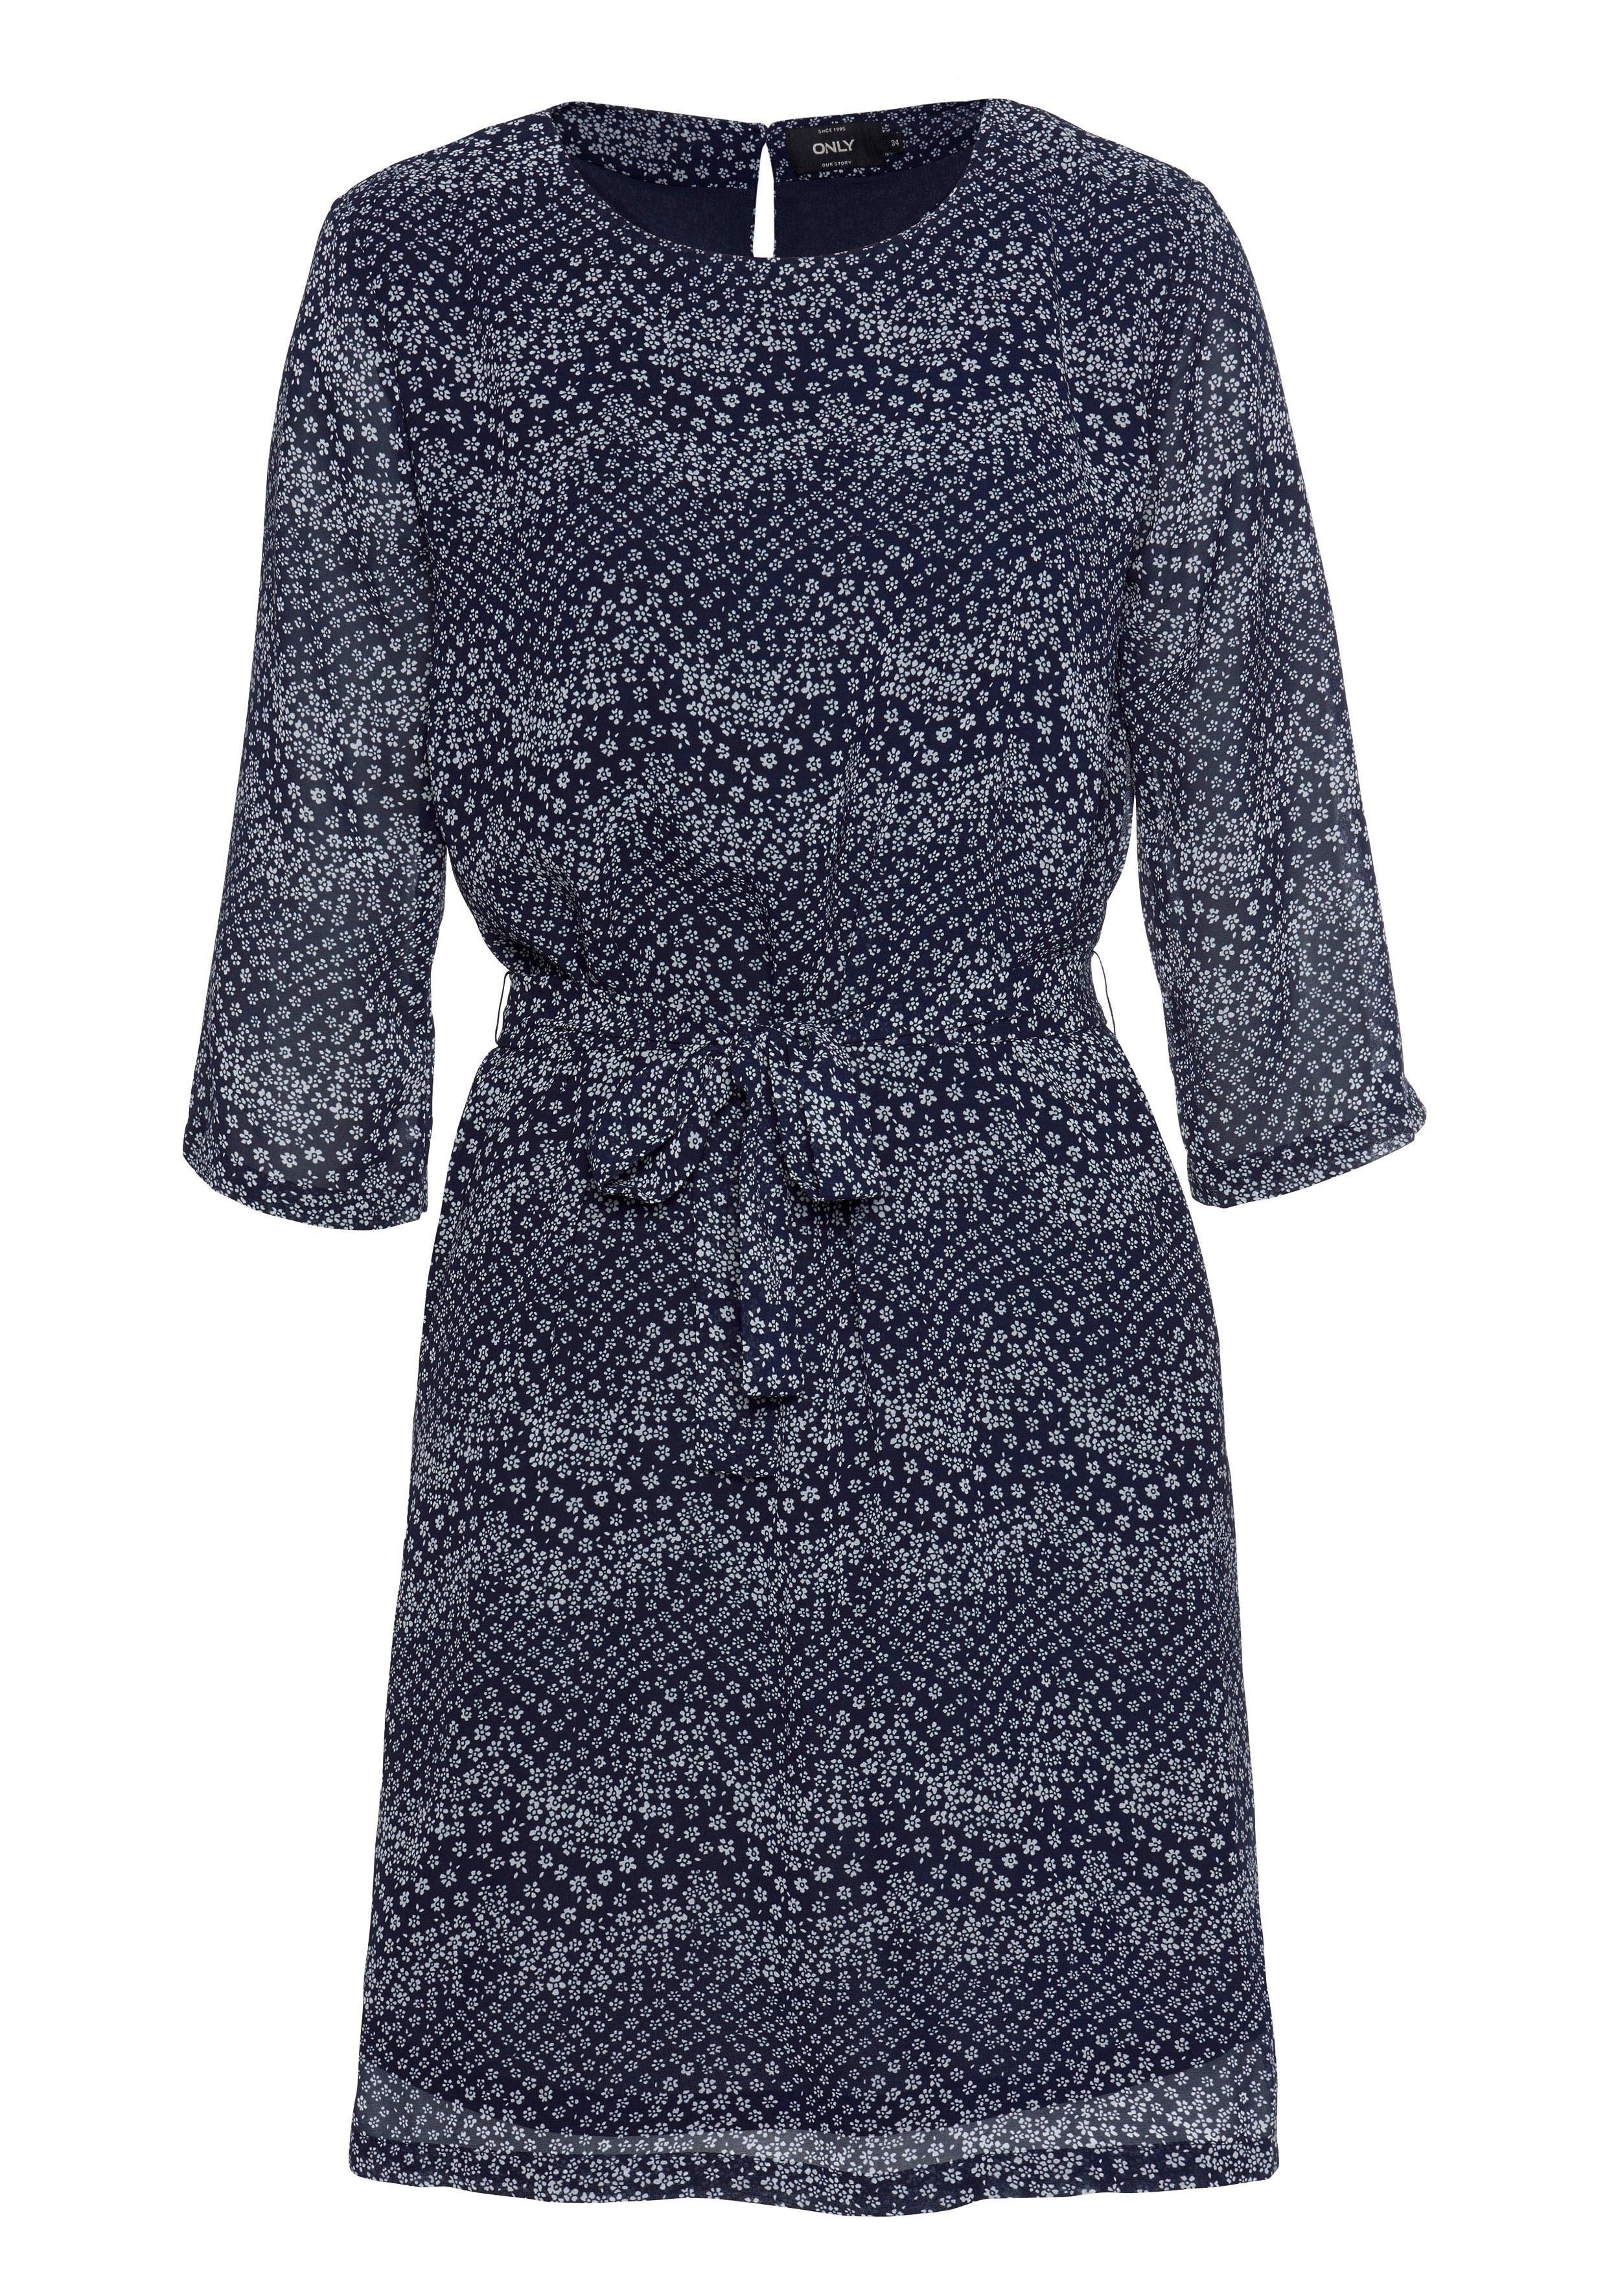 ONLY gedessineerde jurk »STAR« voordelig en veilig online kopen